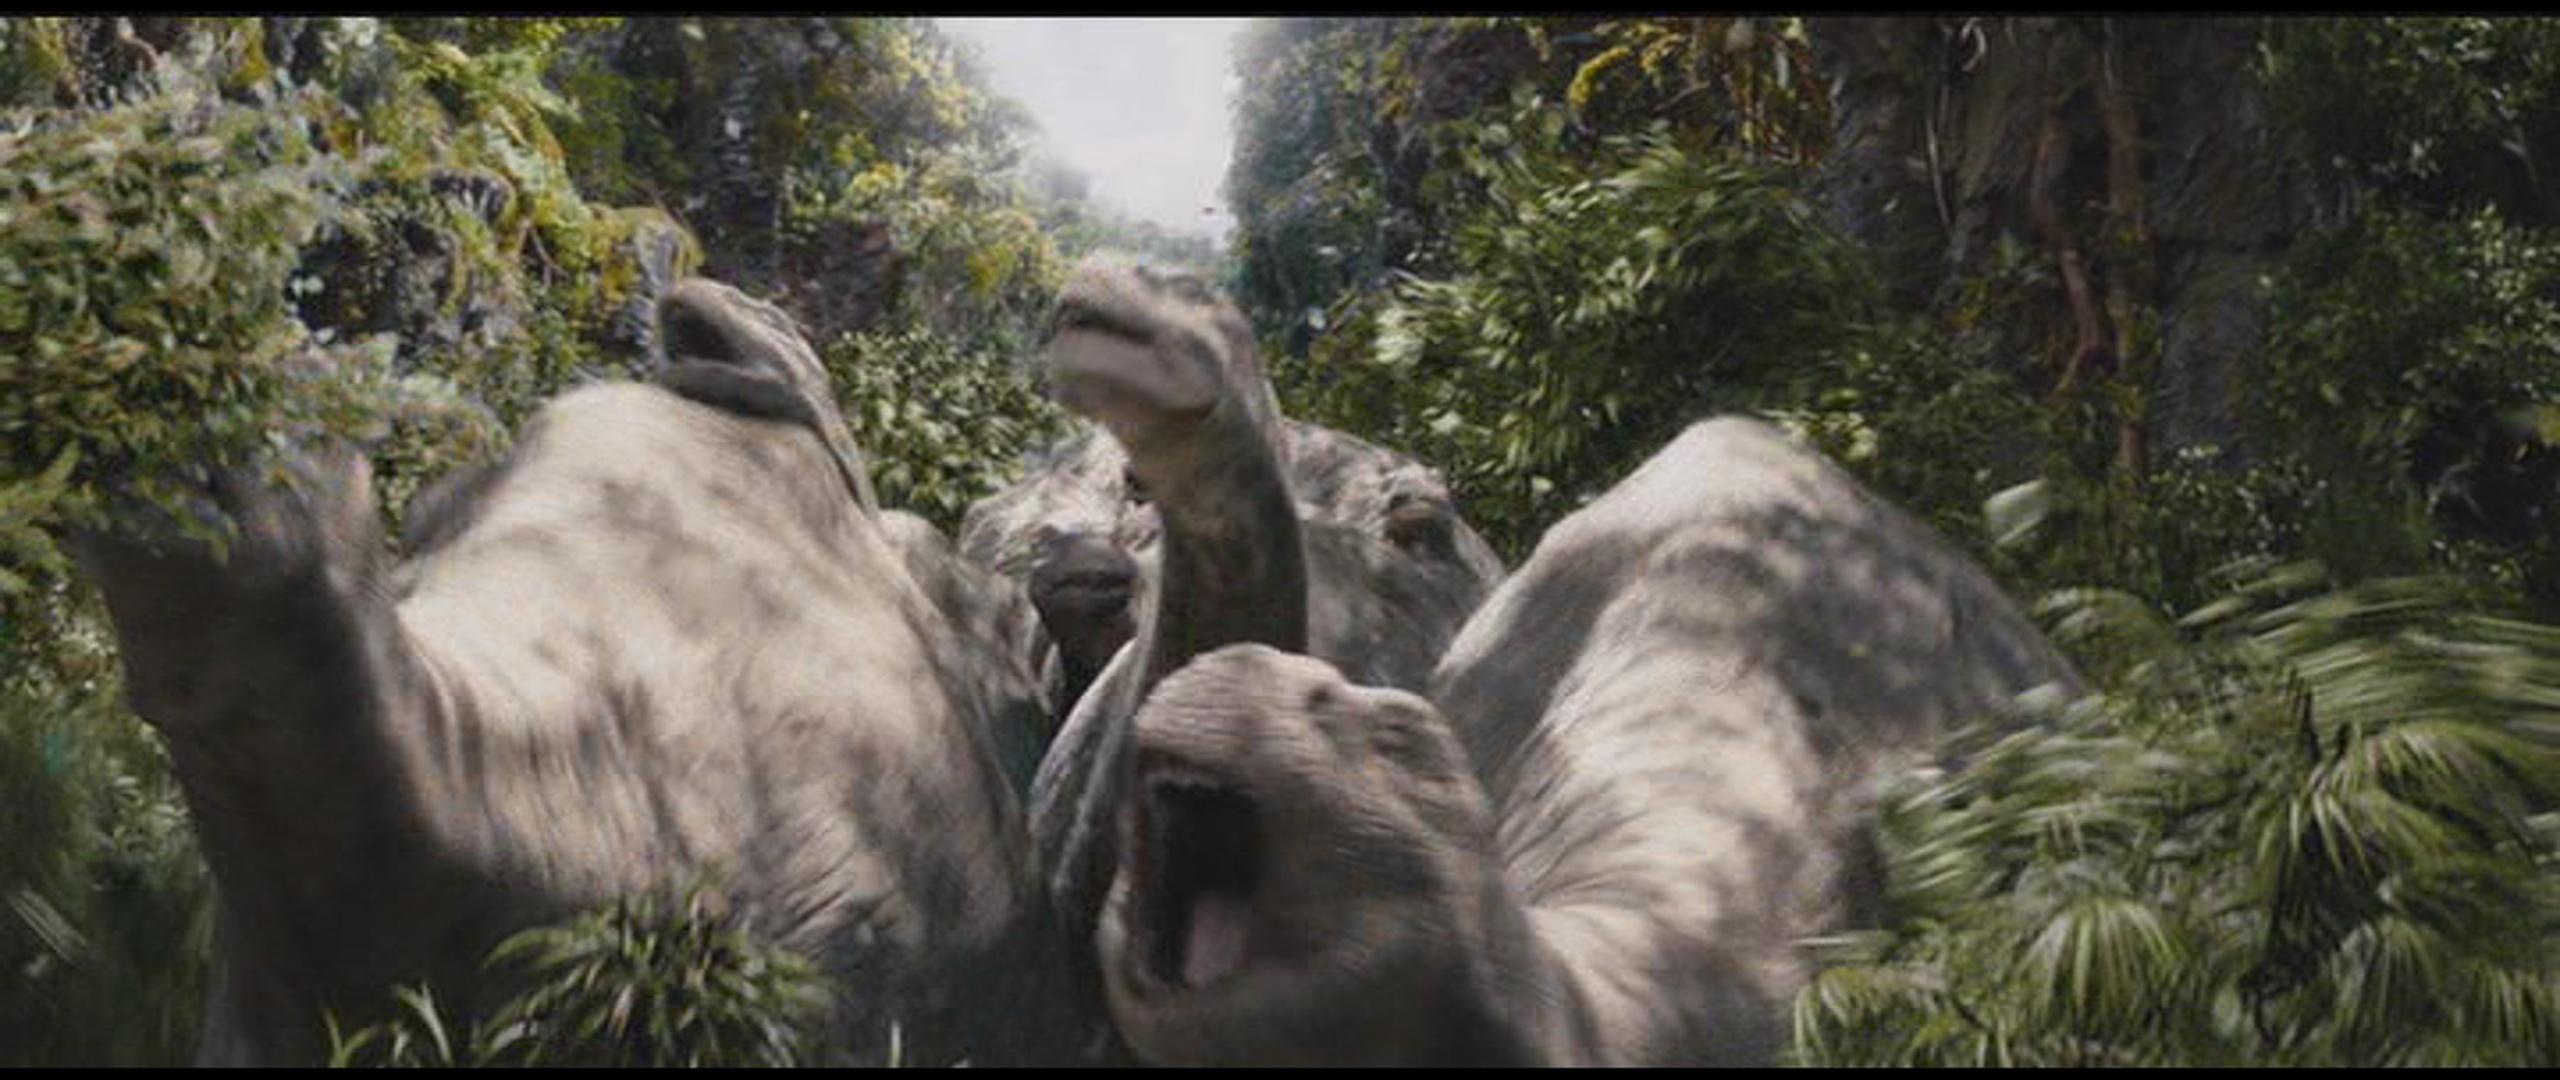 Brontosaurus King Kong Wiki